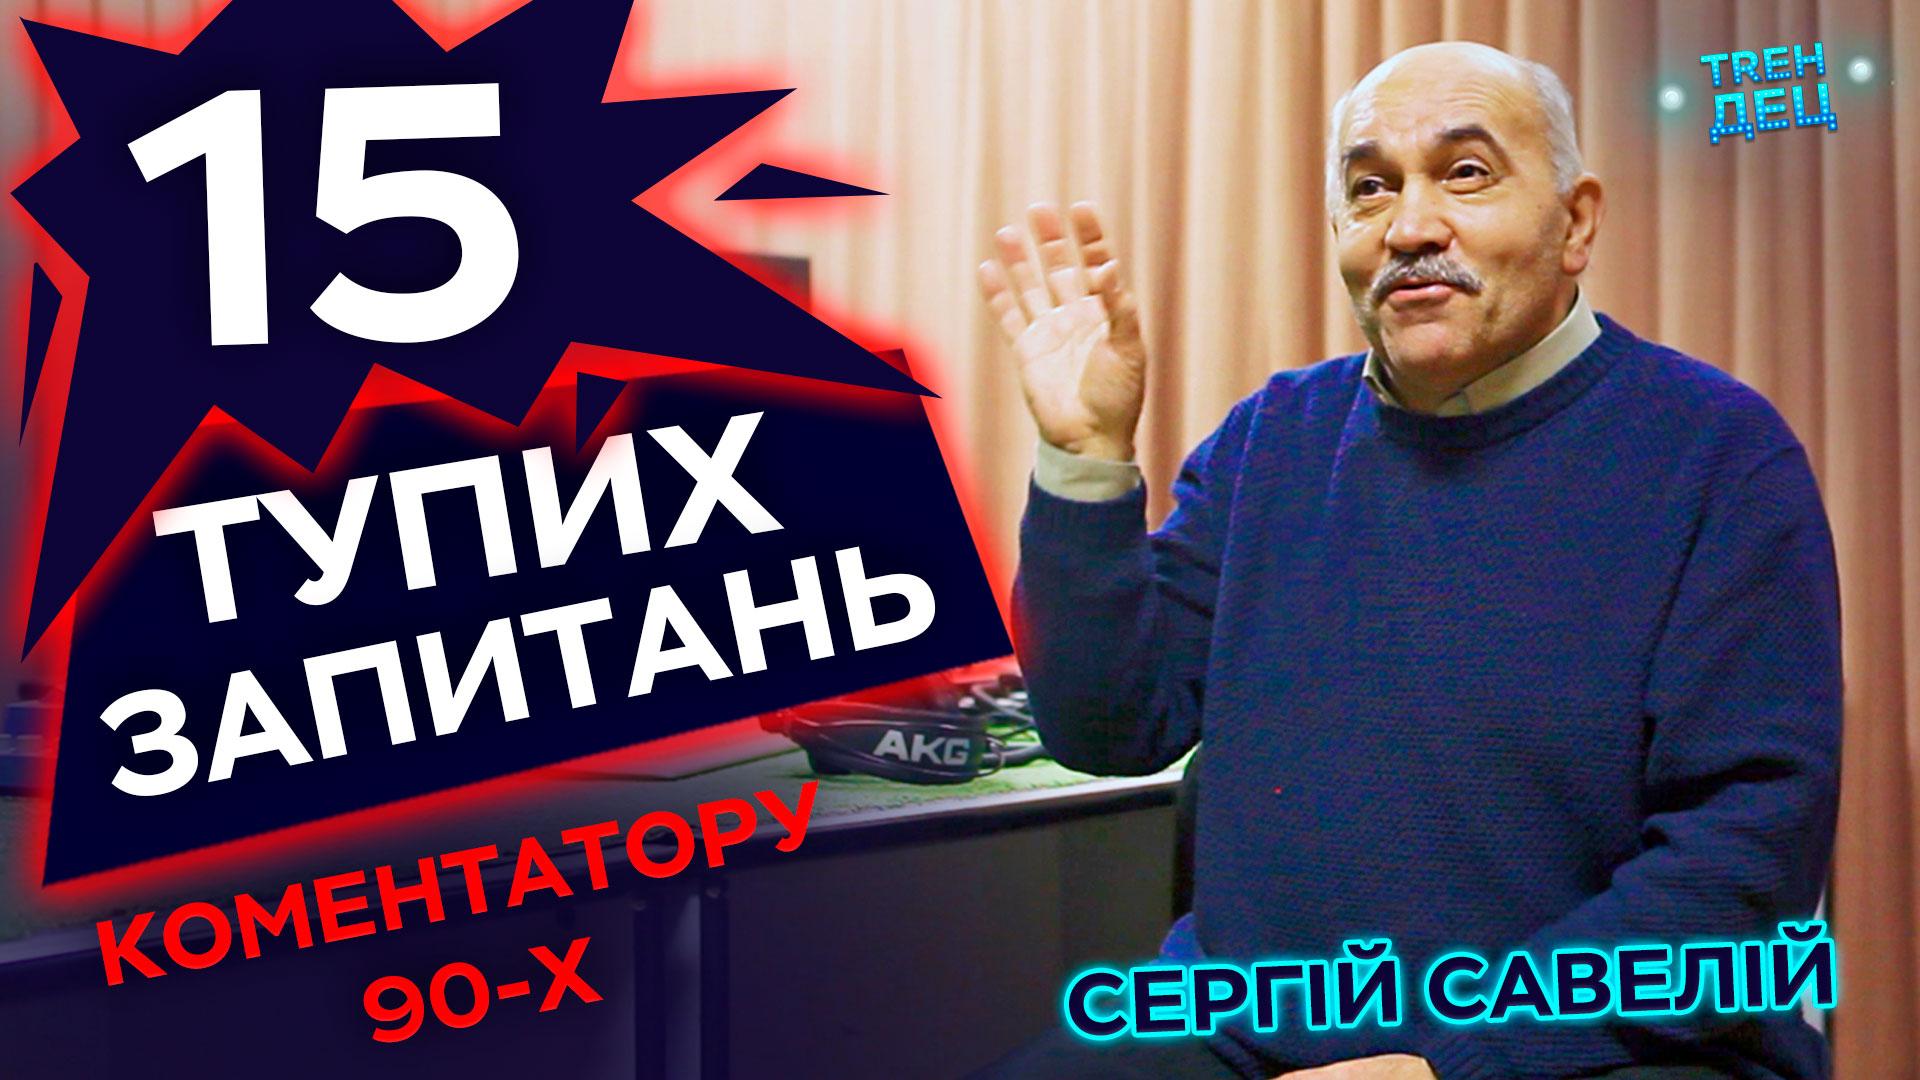 Сергей Савелий, видео, телевидение, Трендец